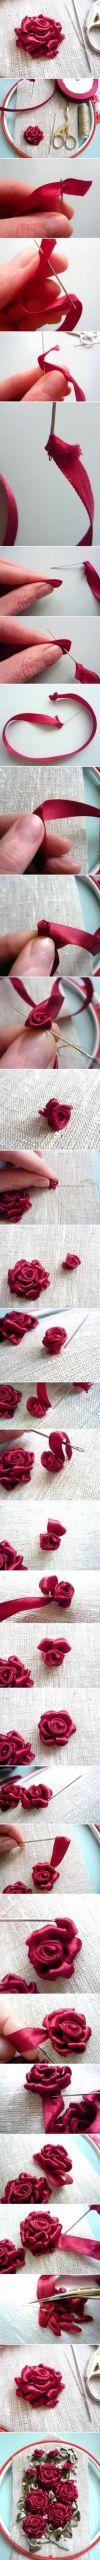 29f67a588f5fb87d ed1c383 ribbon art ribbon flower